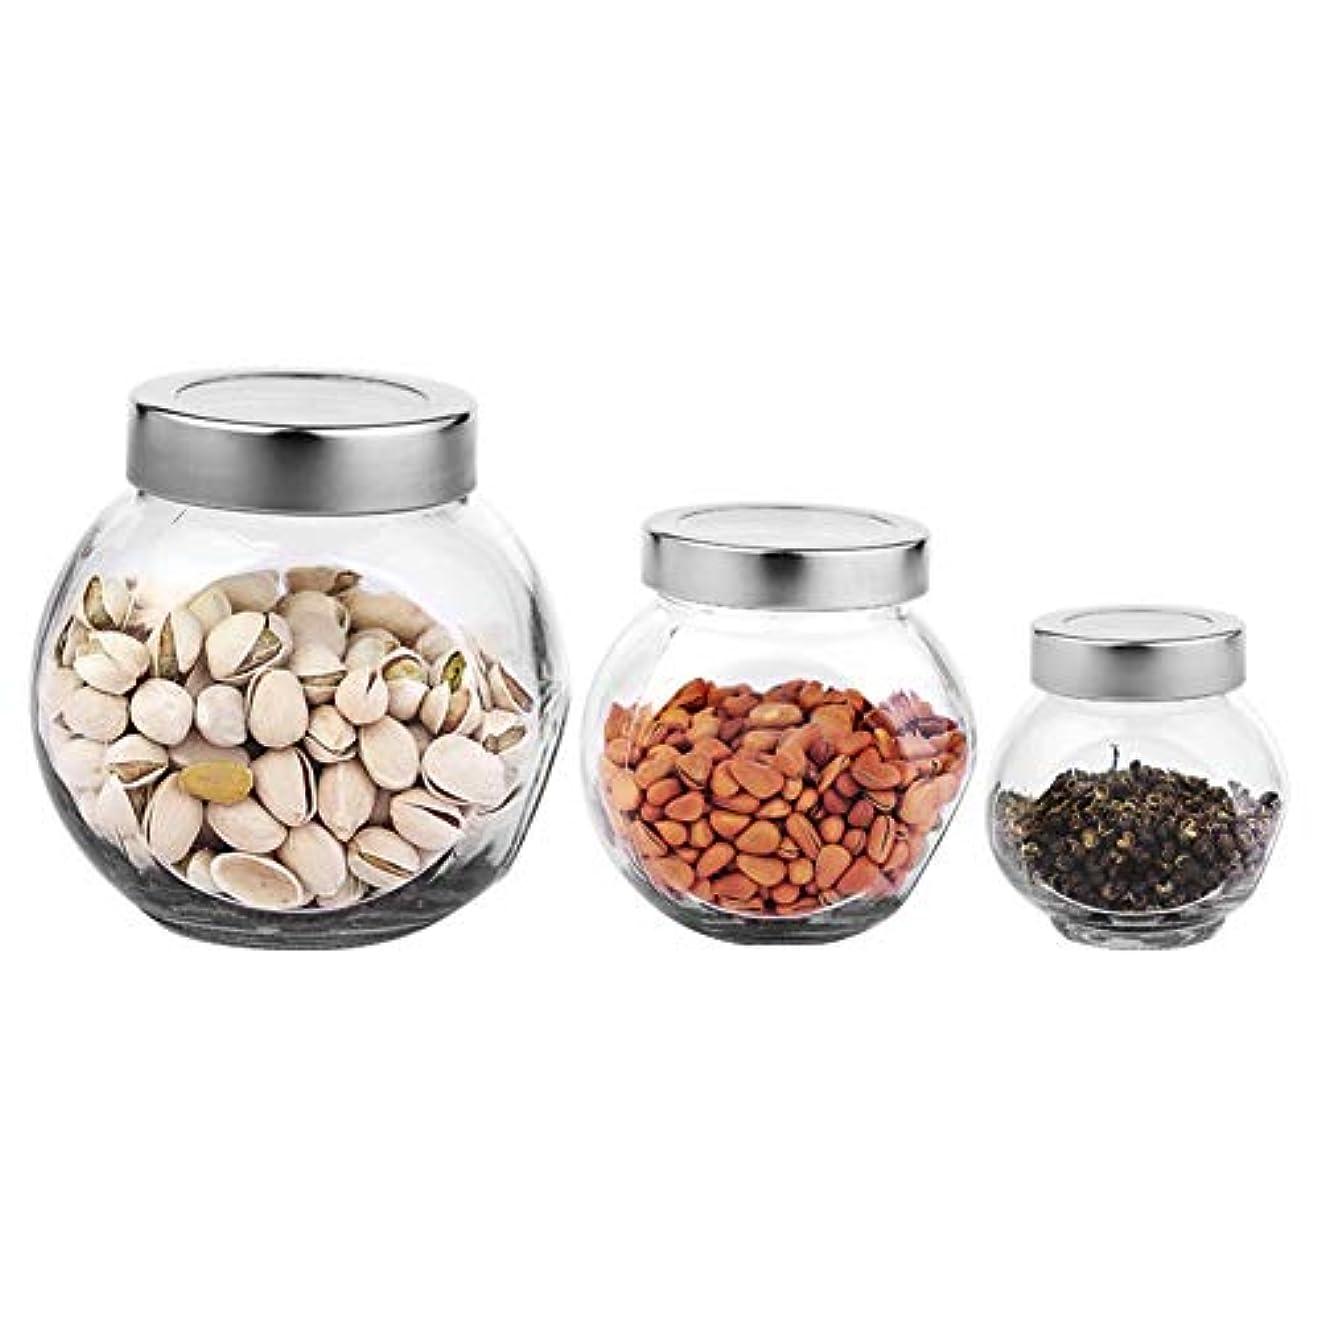 せせらぎ酔っ払いそれによって3つの透明ガラス貯蔵容器茶/季節密封された缶(200 ml 450 ml